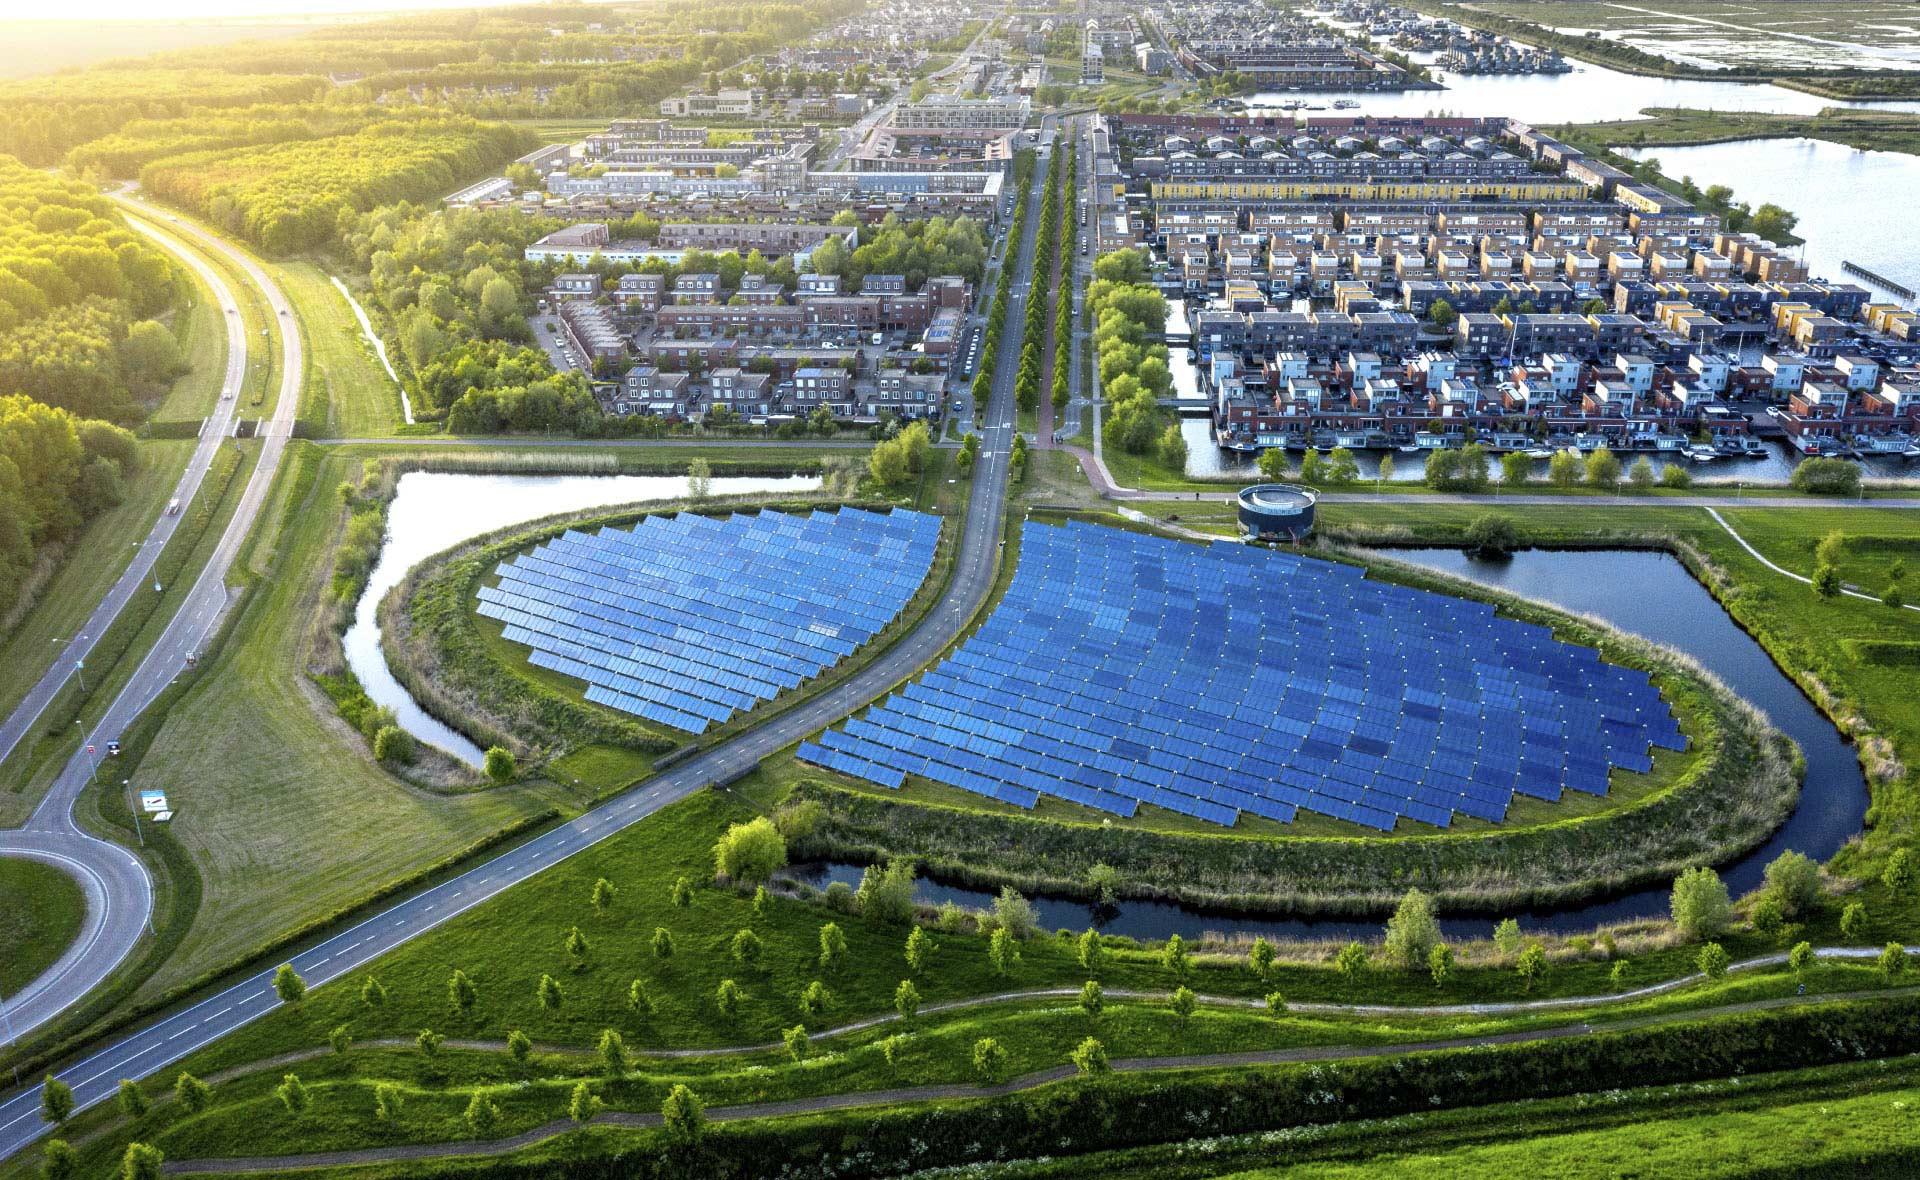 ciudades_sostenibles-urbes-cuidado-planeta-medioambiente-sostenibilidad-contaminacion-proteccion-naturaleza-movilidad-renovable